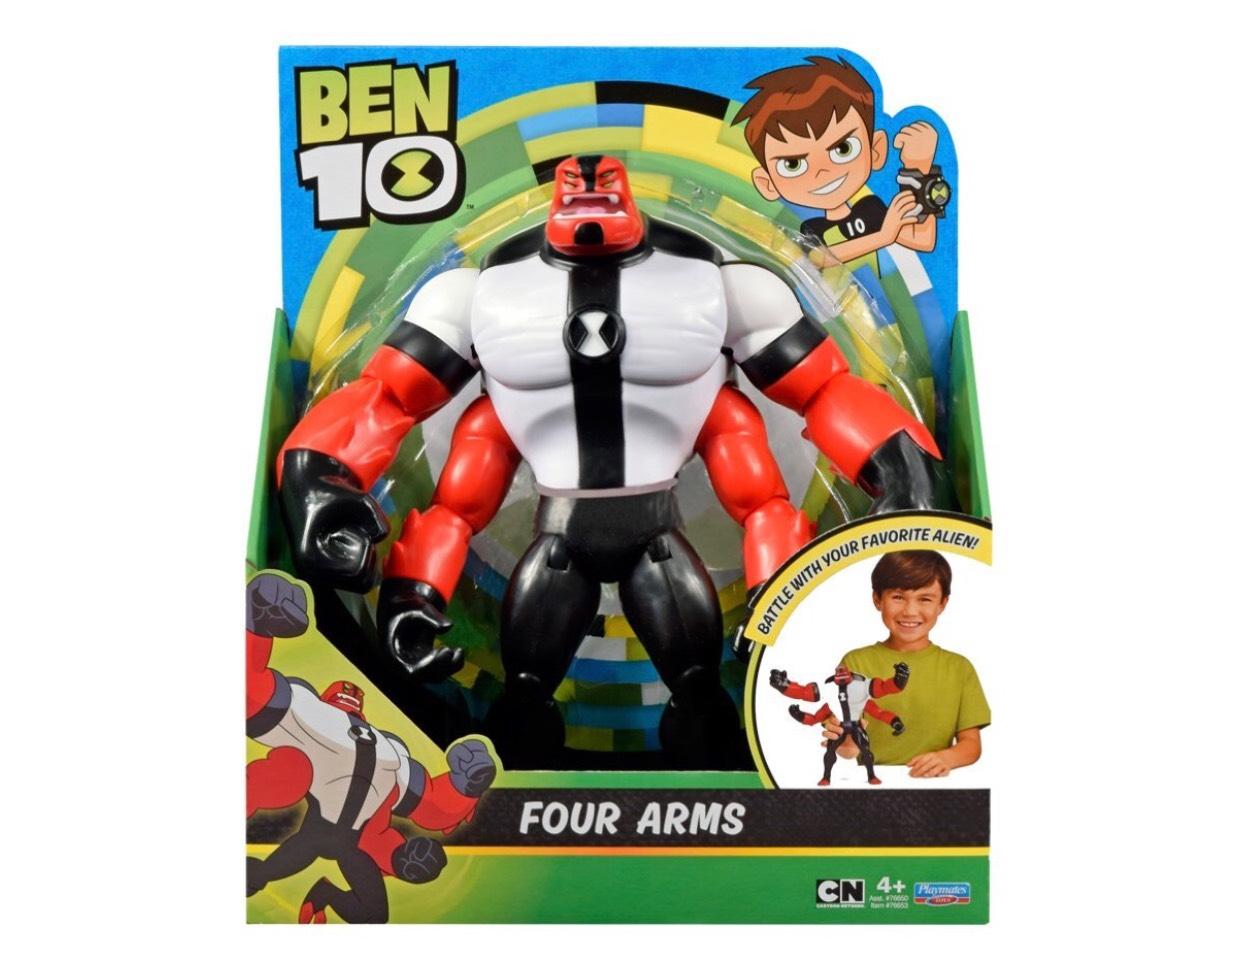 Ben 10 Deluxe Figures - Tesco in-store - £6.25